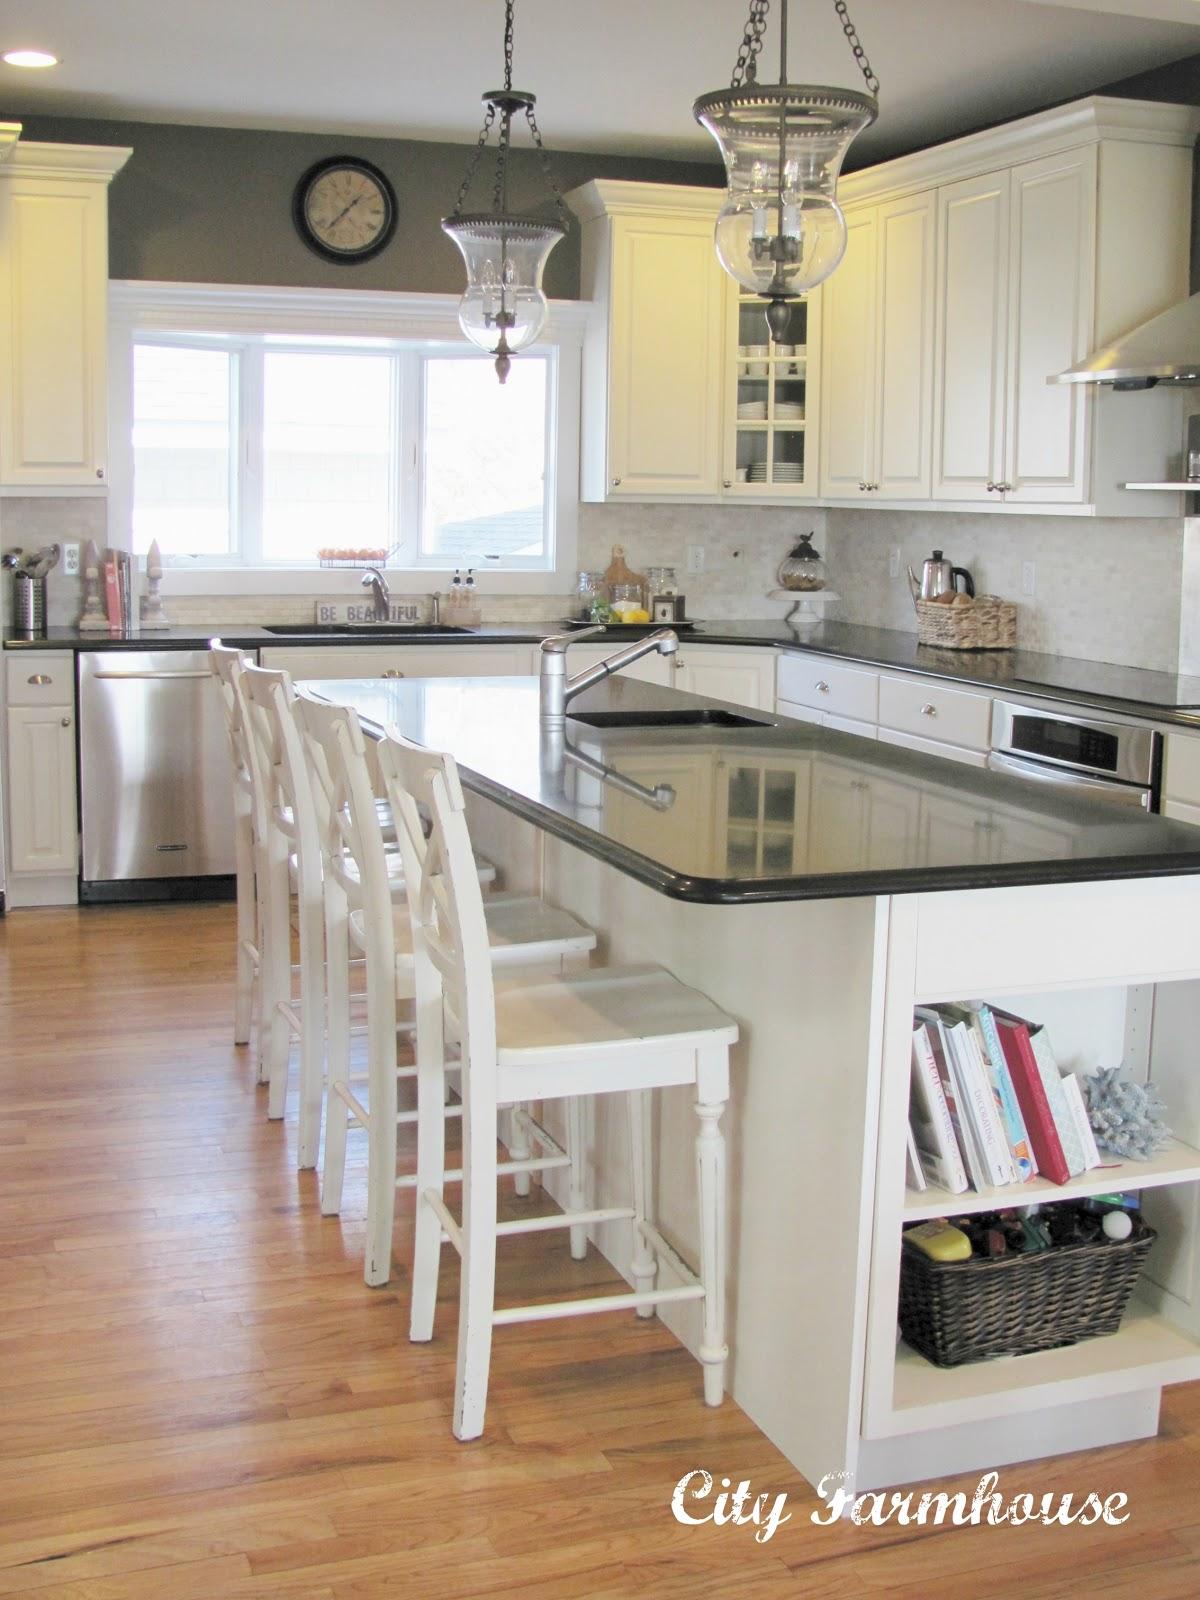 russo treatment kitchen homesjoanne curtains linen image cafe best of joanne window